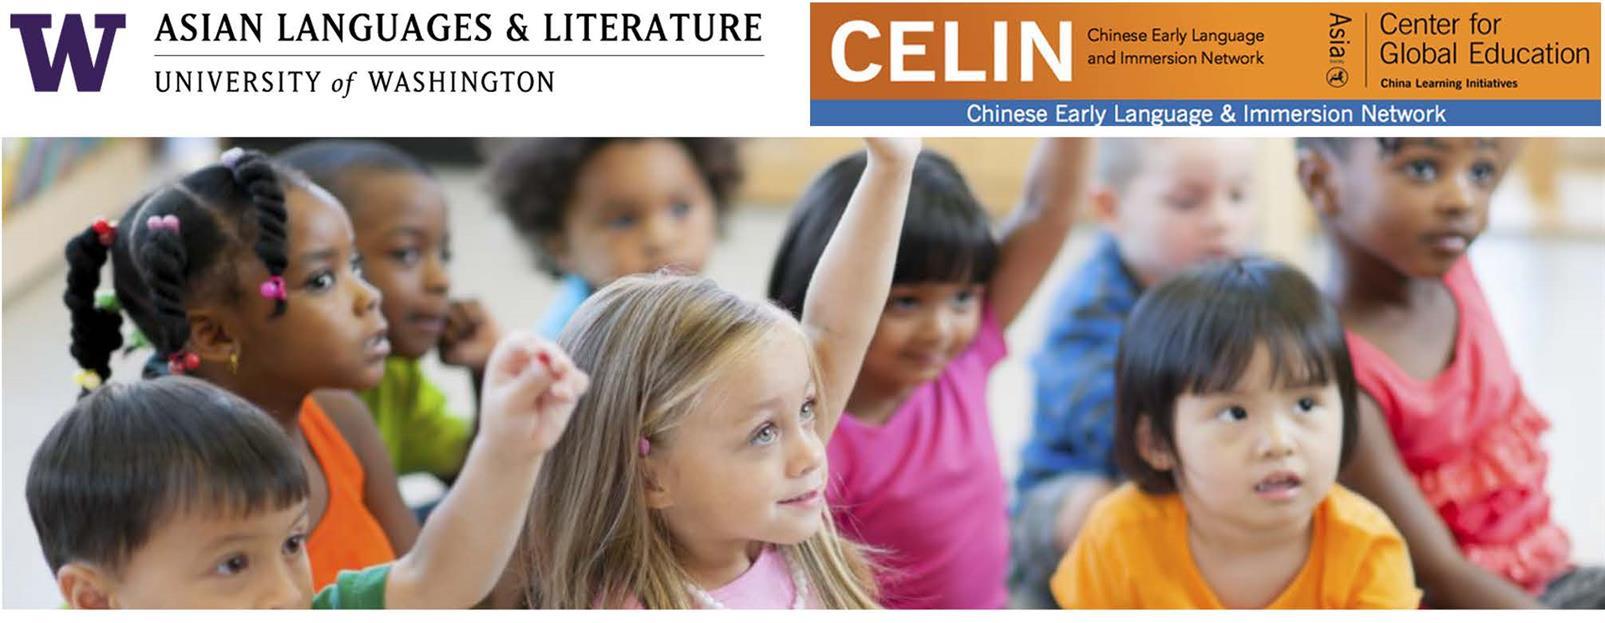 University of Washington and CELIN Forum: Raising Multilingual Citizens of the World